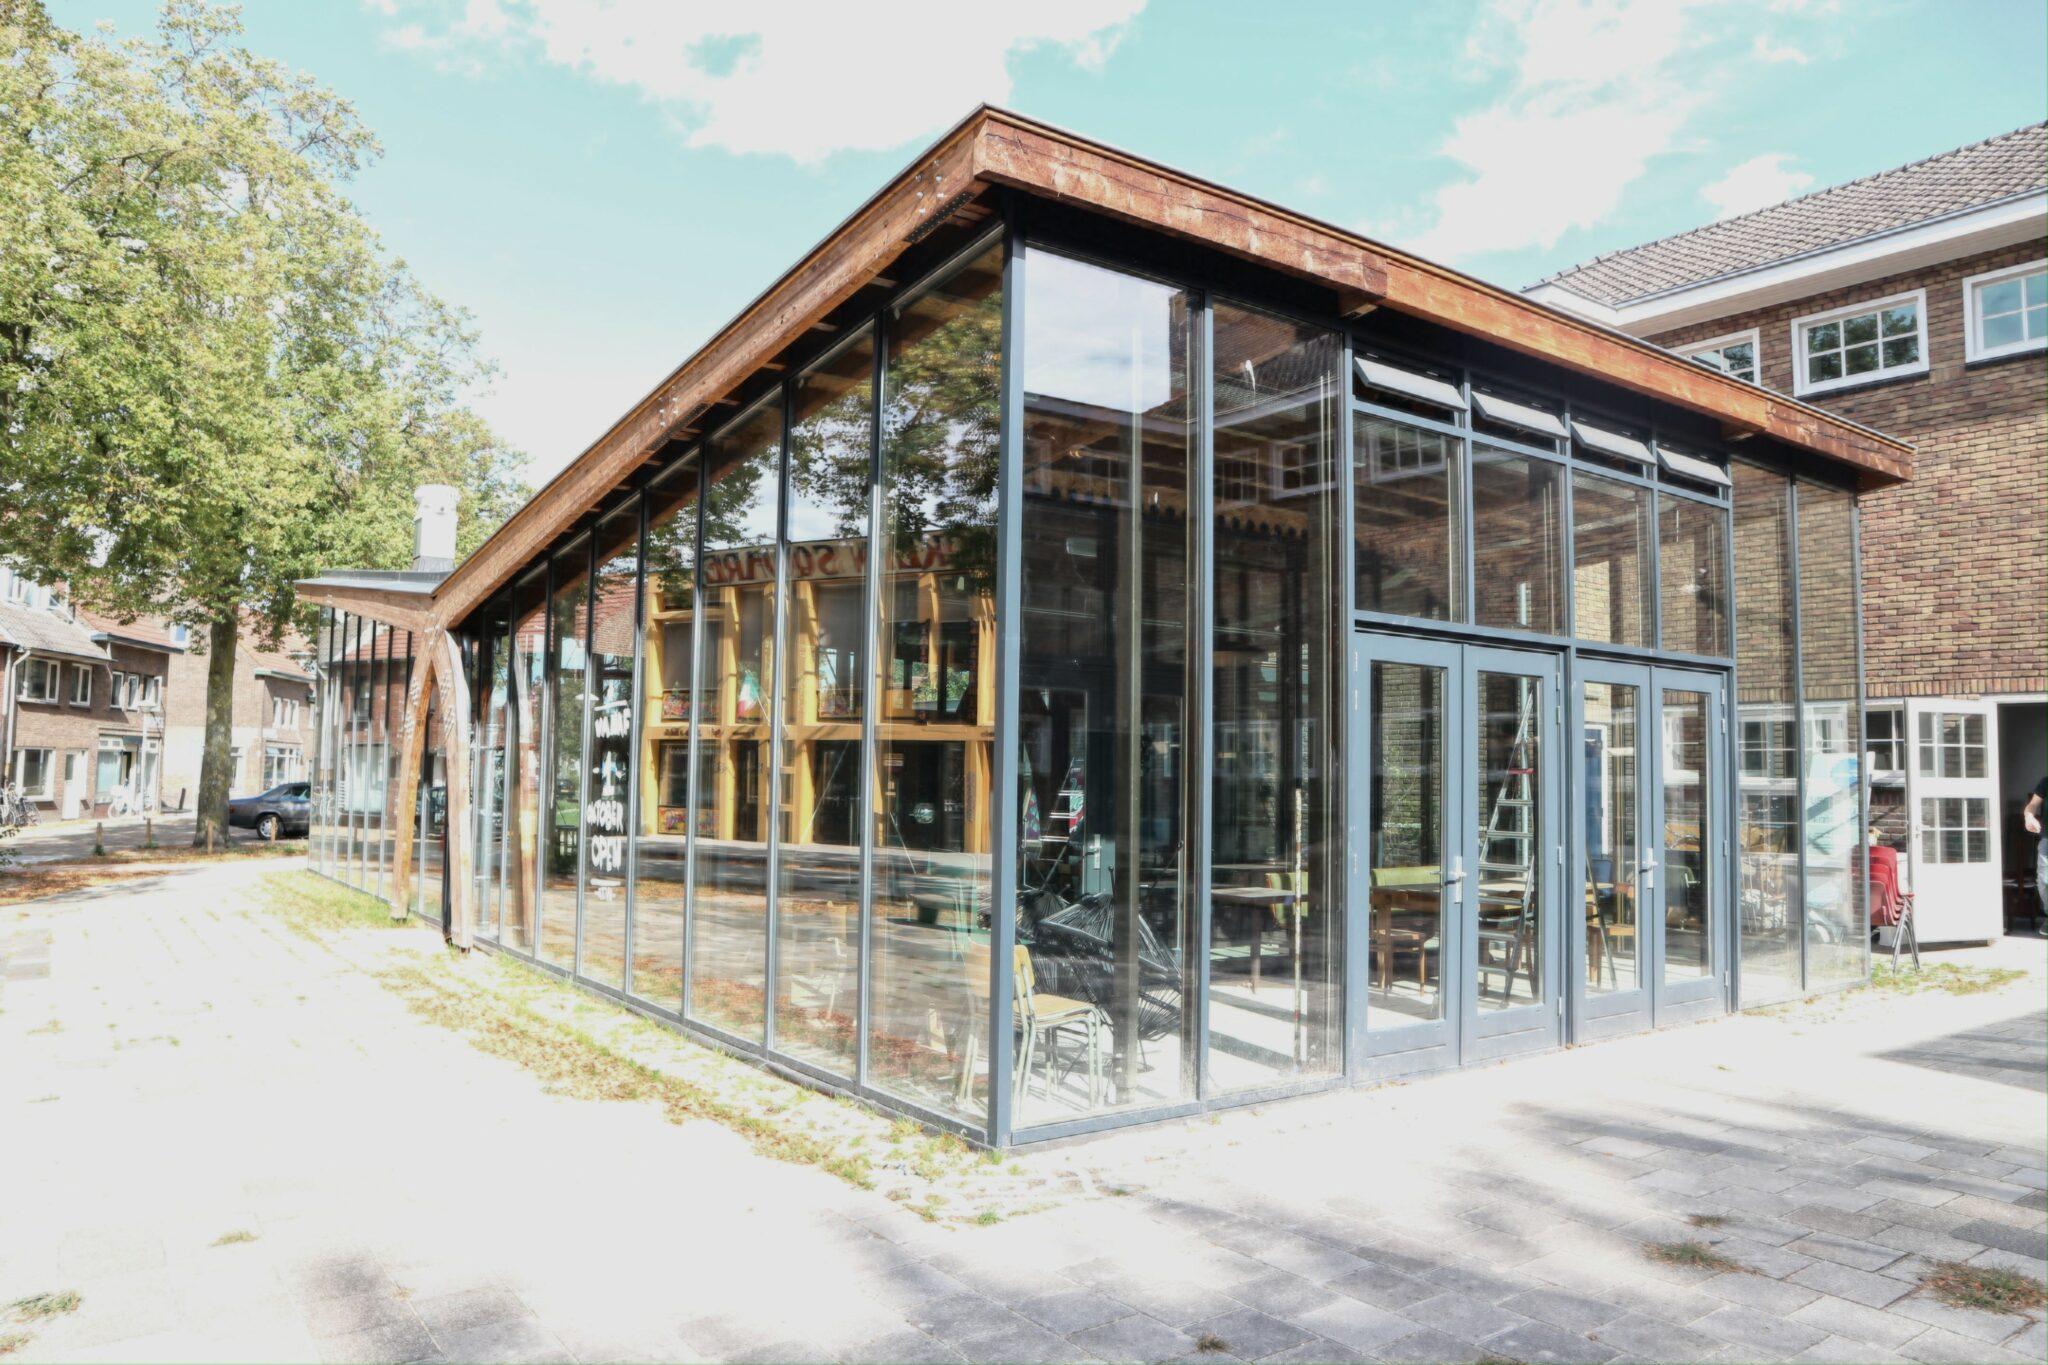 KEVN, atelier, expositie